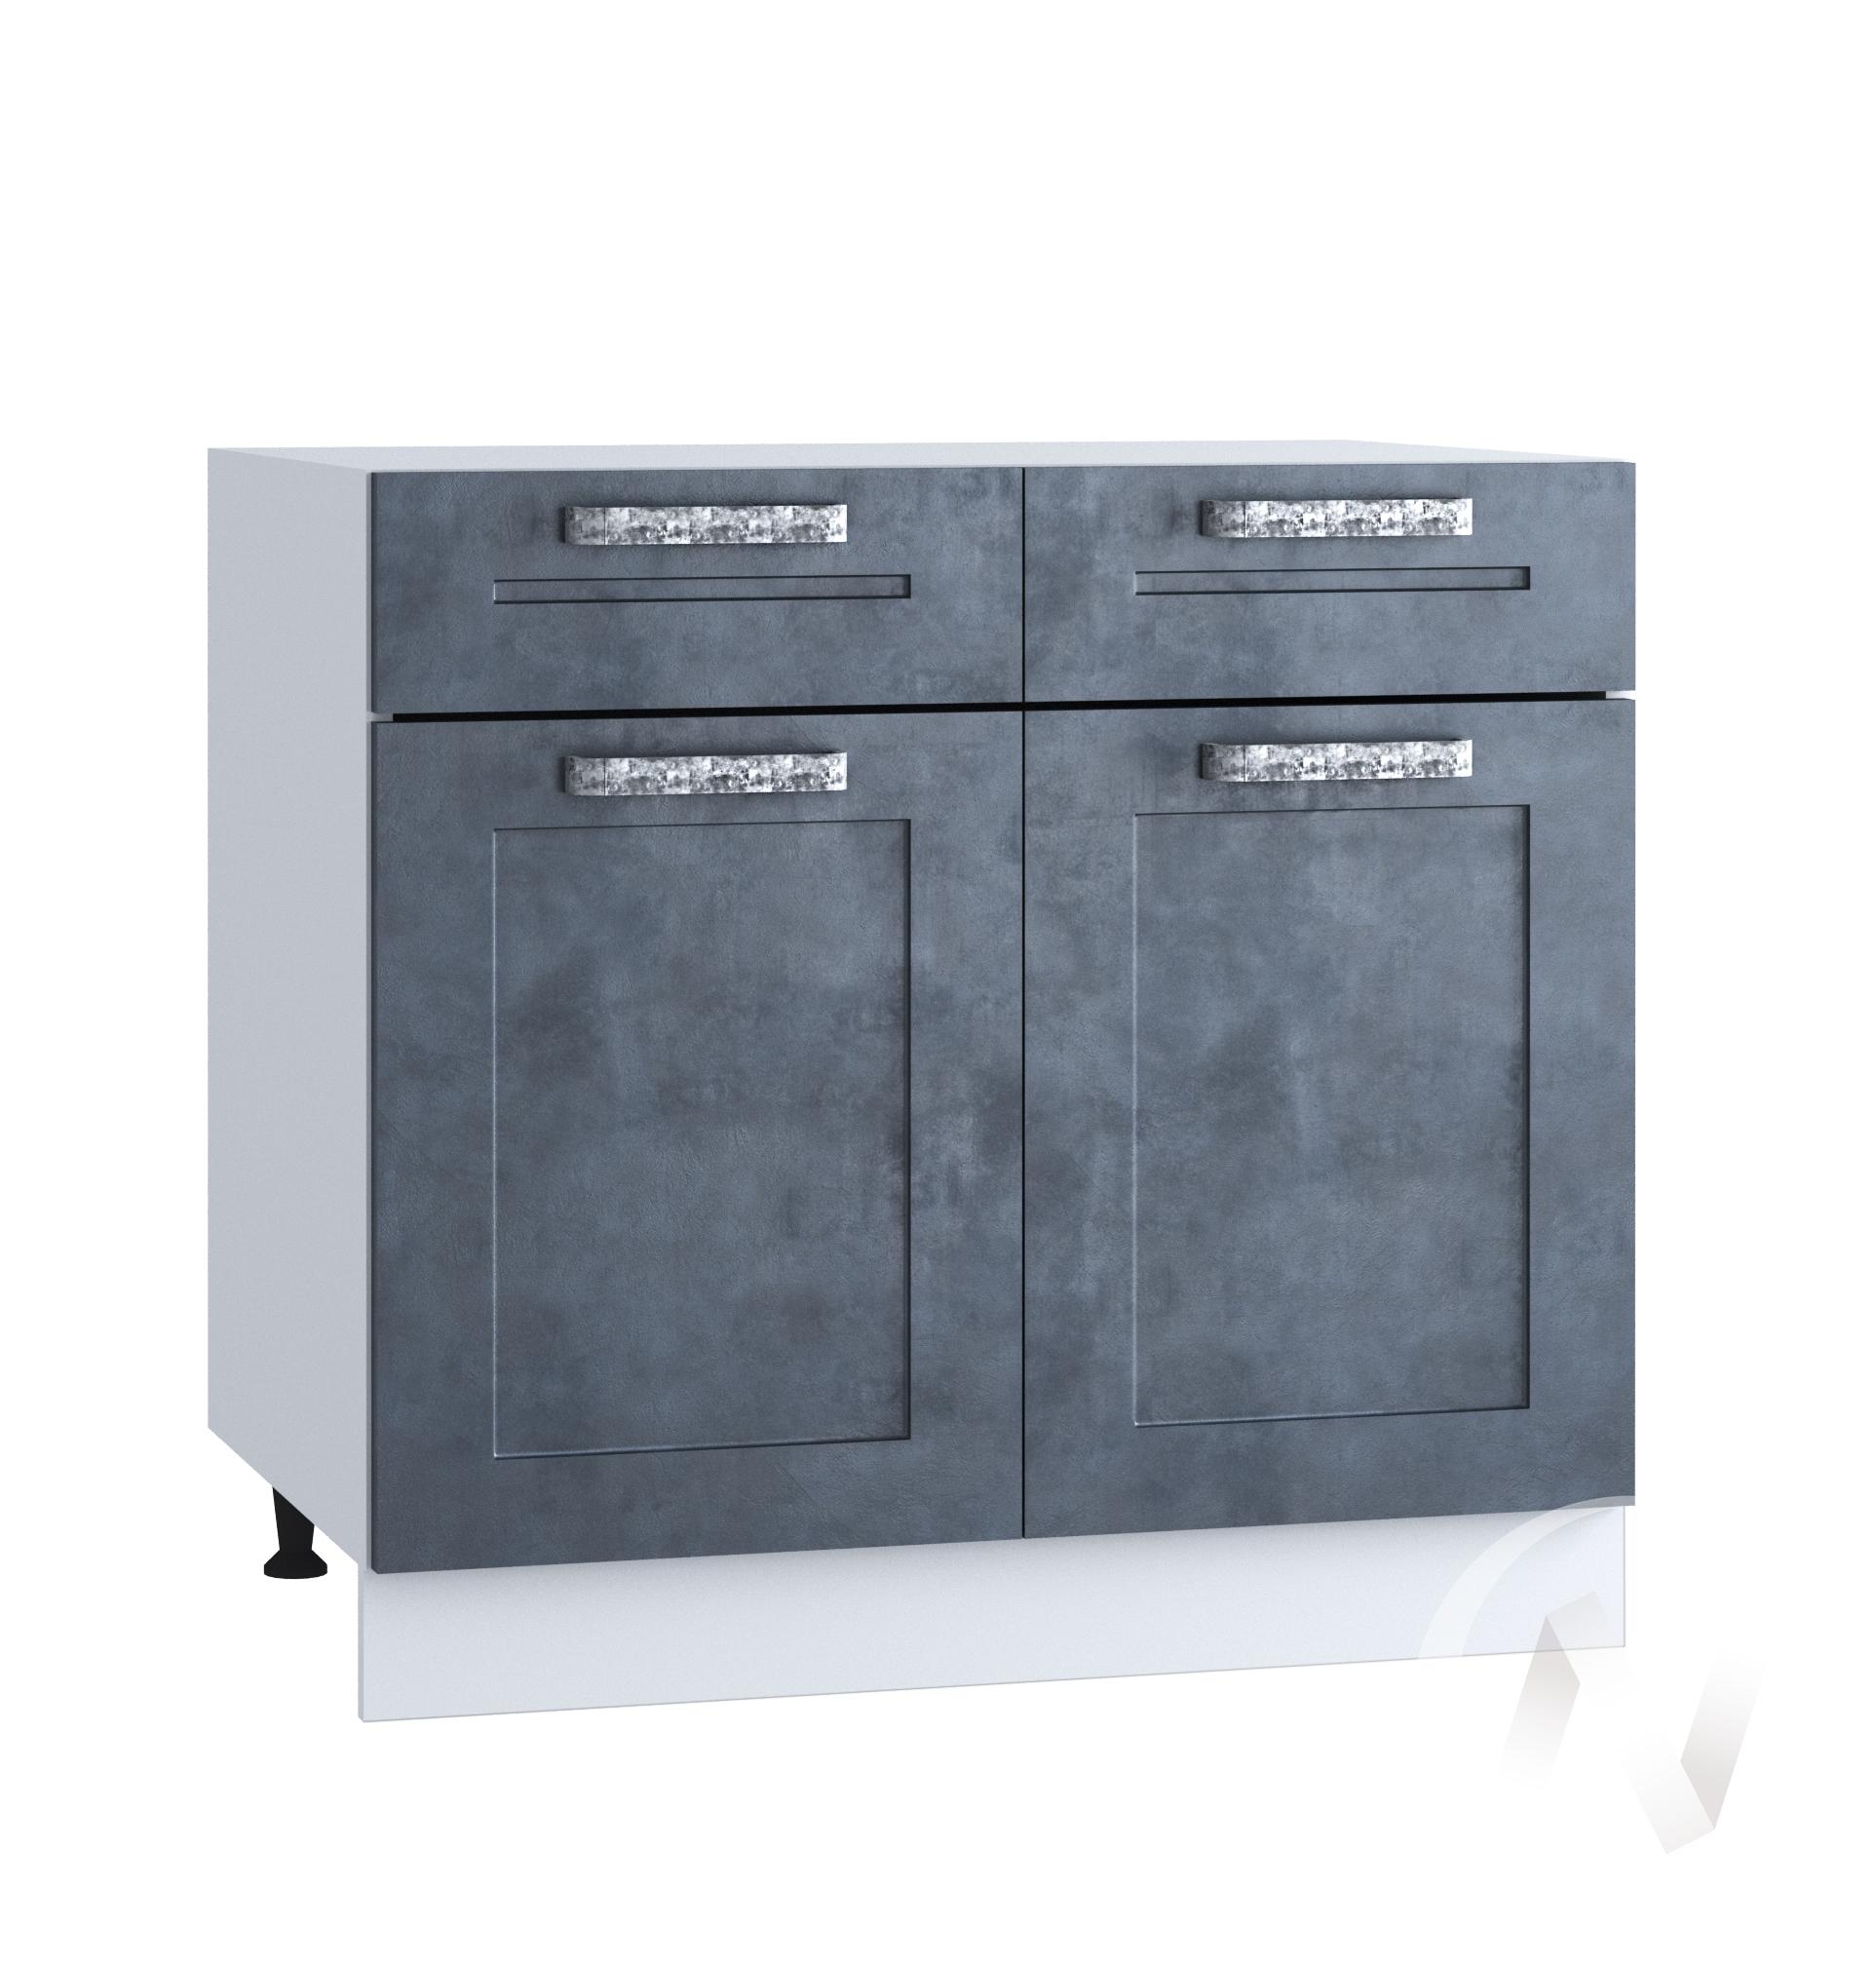 """Кухня """"Лофт"""": Шкаф нижний с ящиками 800, ШН1Я 800 (Бетон графит/корпус белый)"""